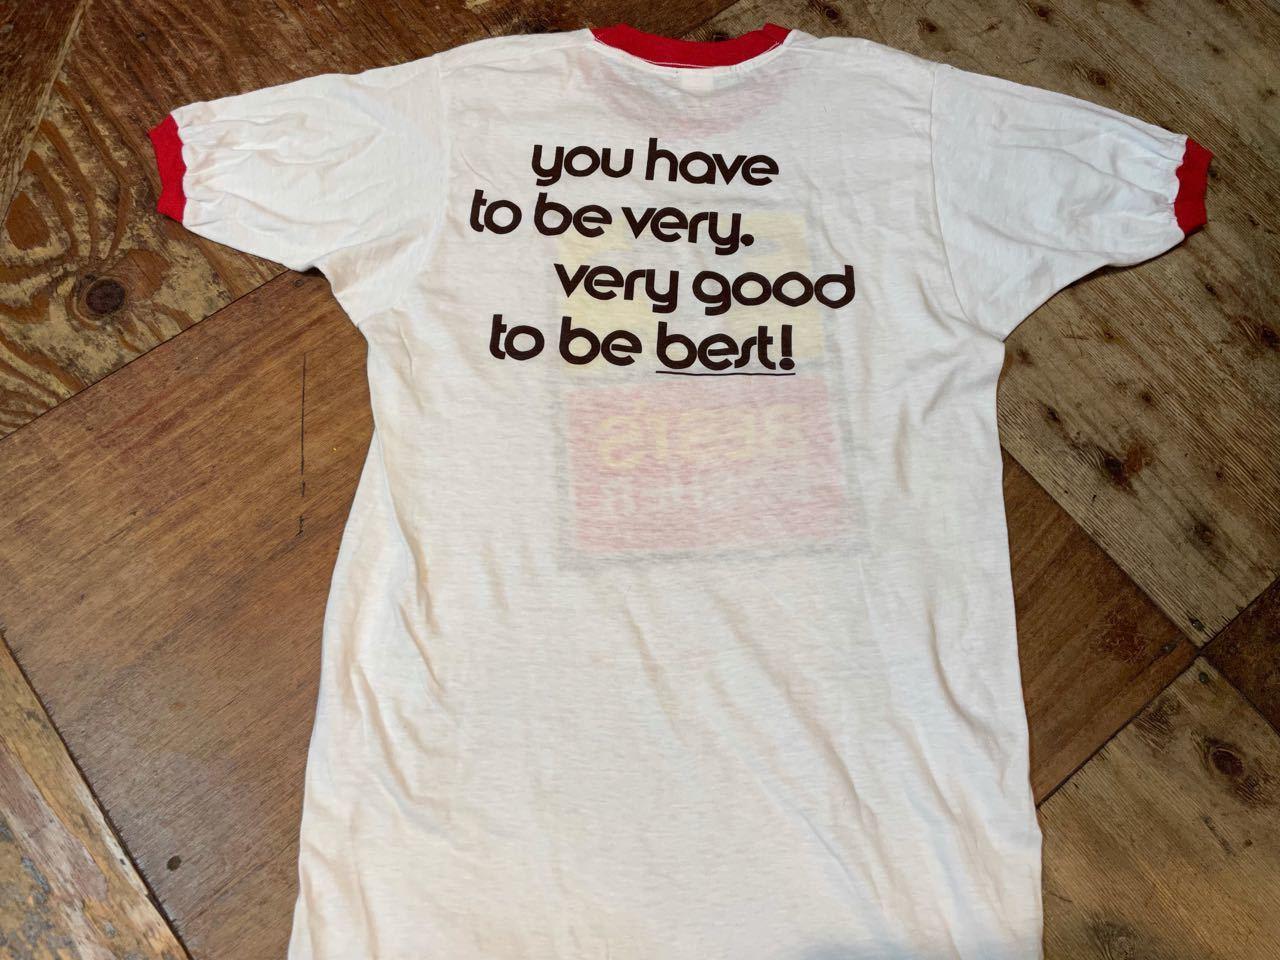 7月19日(月)入荷! デッドストック 70s all cotton  企業物 両面 染み込みプリント ビンテージ リンガーTシャツ!_c0144020_13383090.jpg